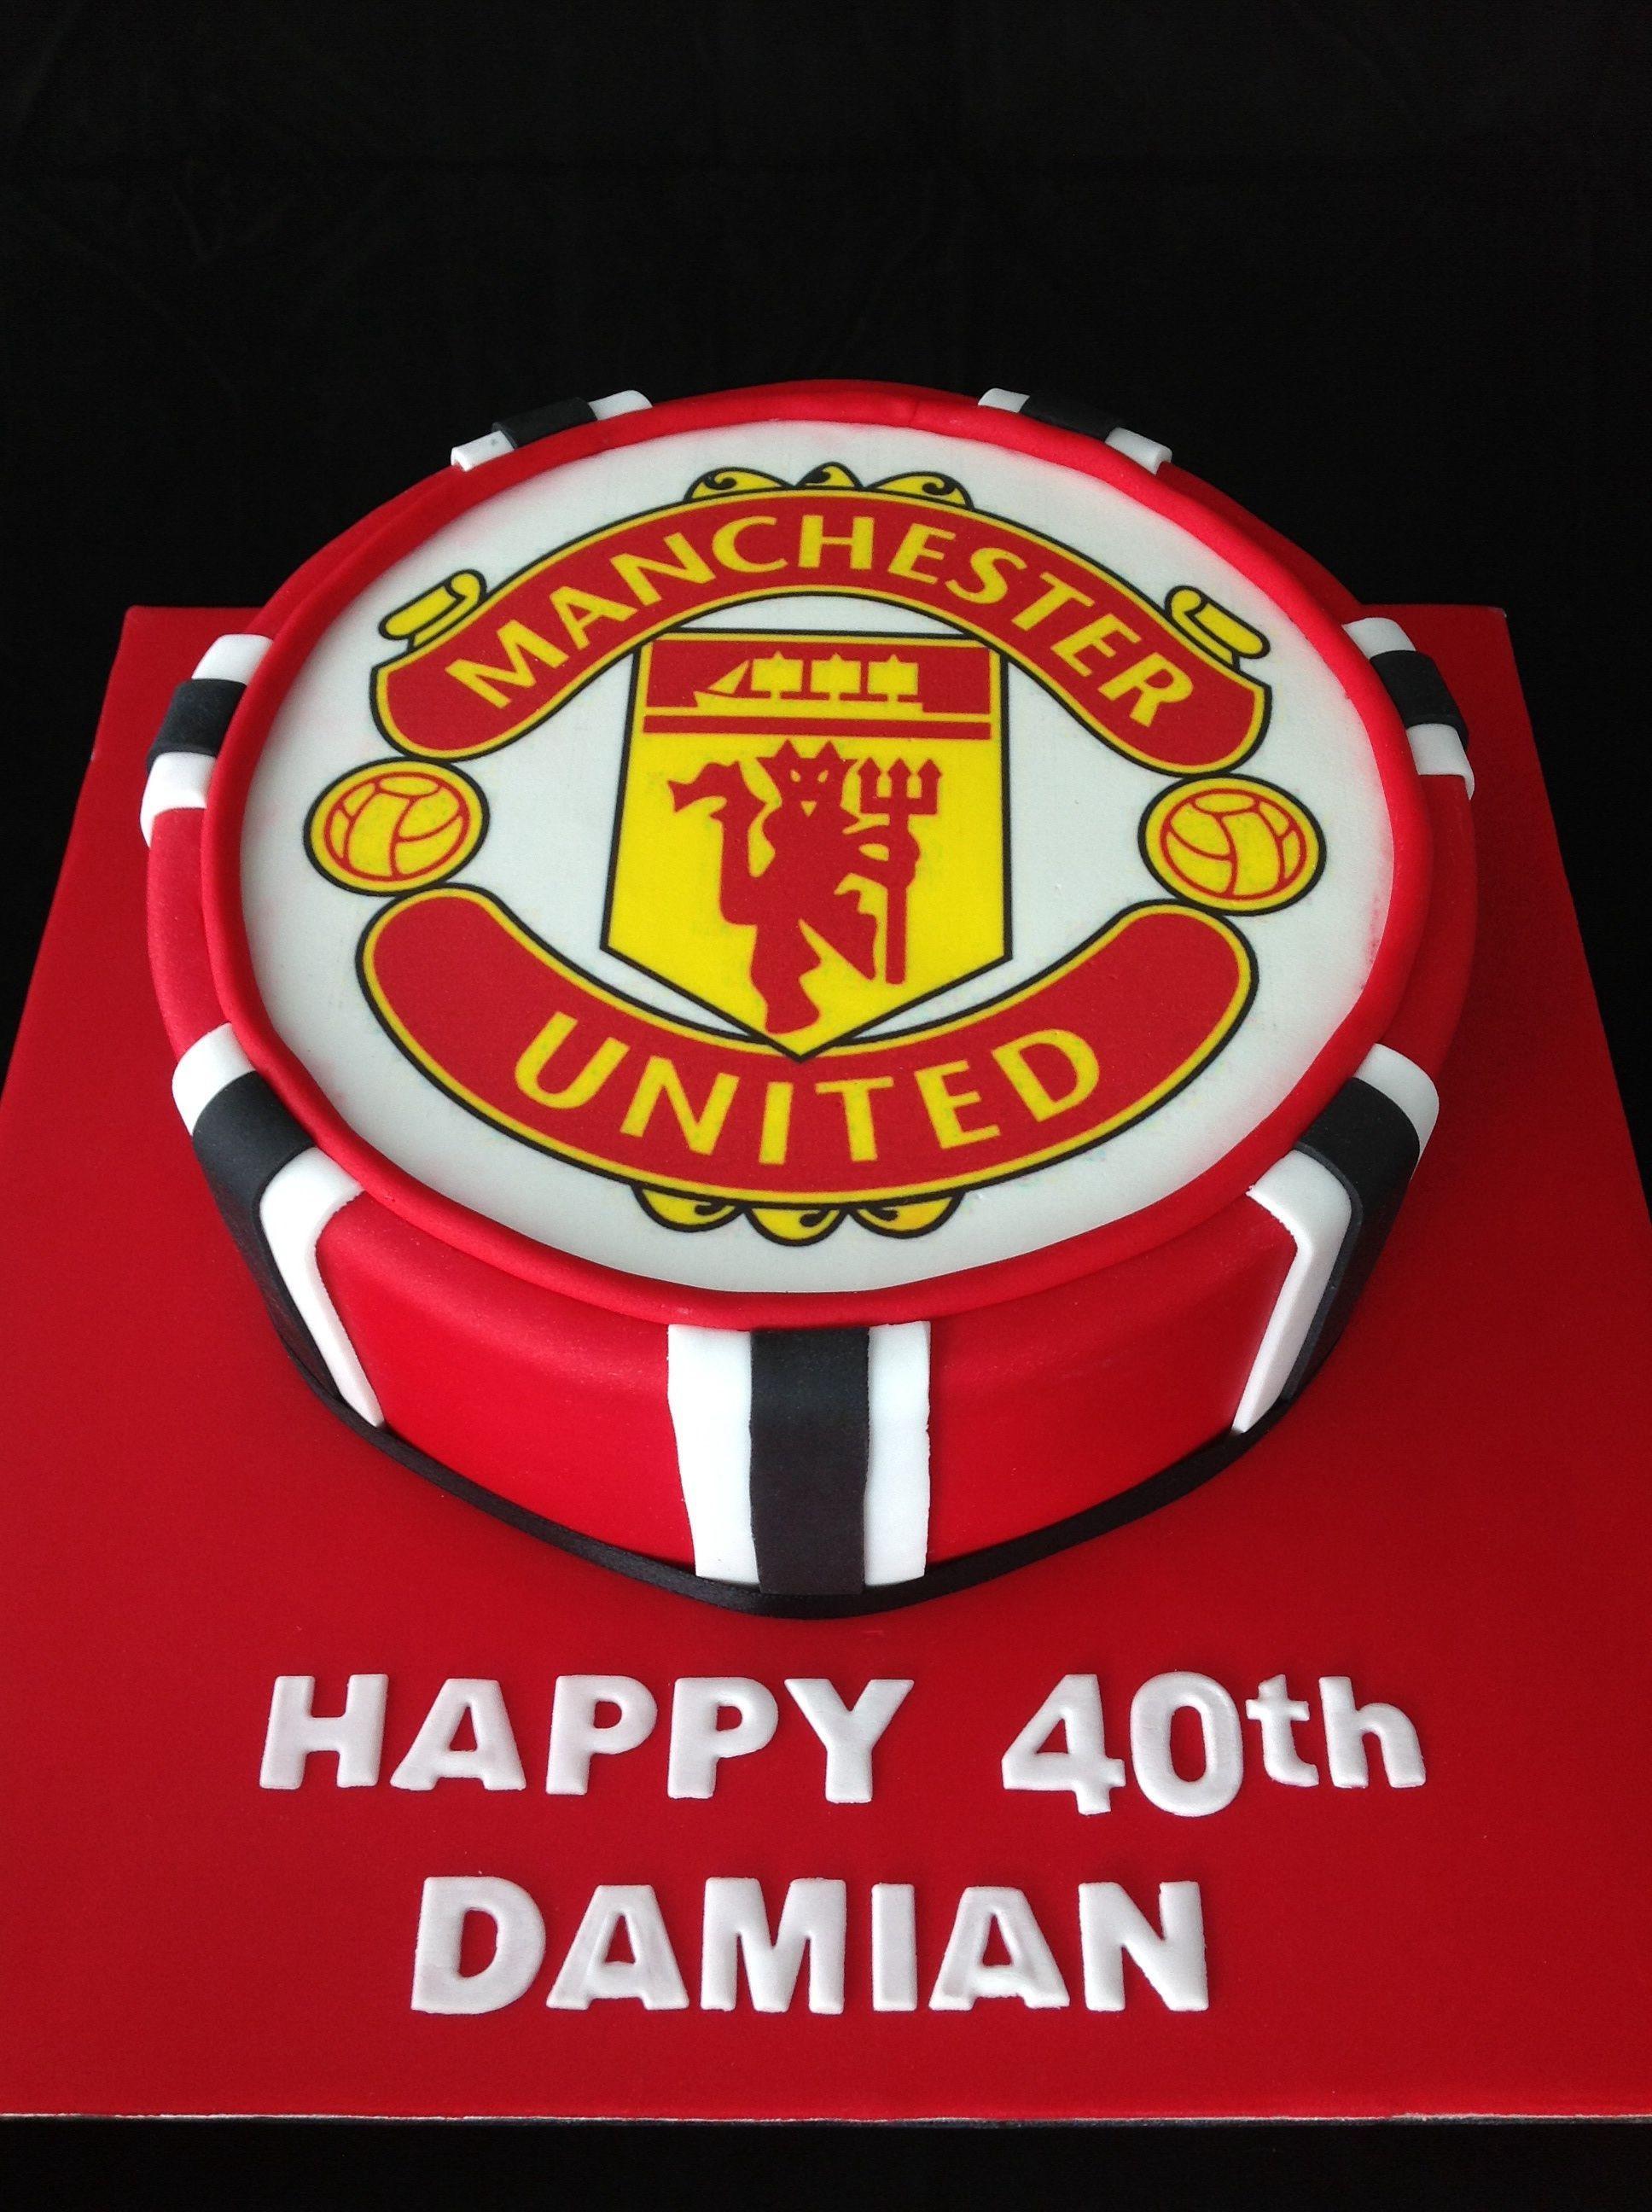 Manchester United Cake Birthday Cakes For Men Manchester United Cake Soccer Birthday Cakes